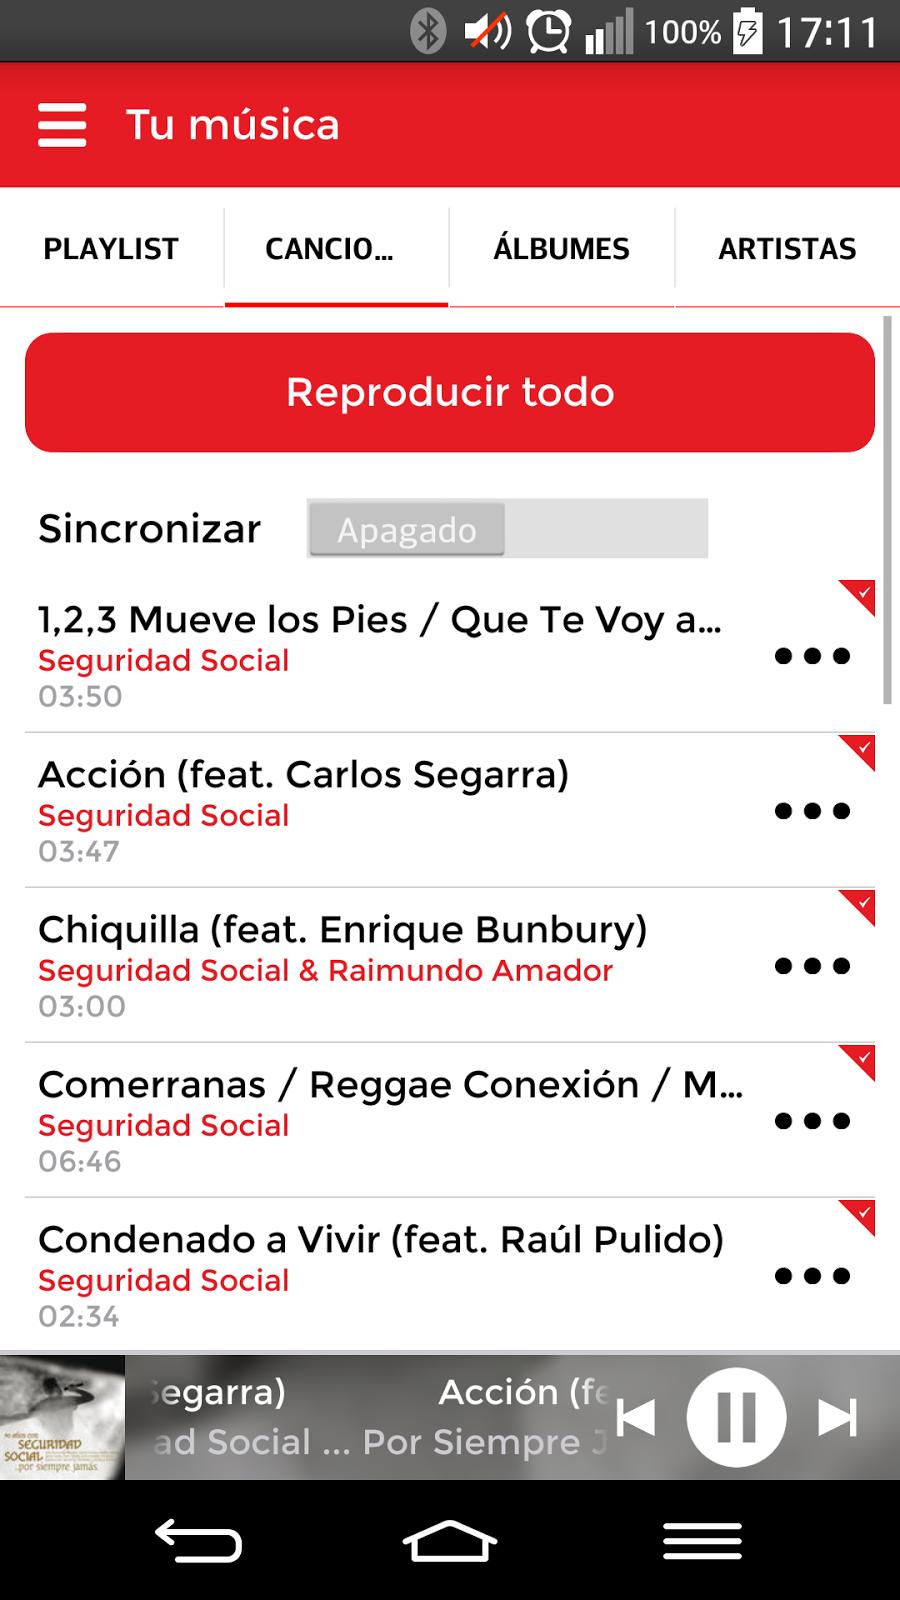 Consigue música gratis con la aplicación Musicall.